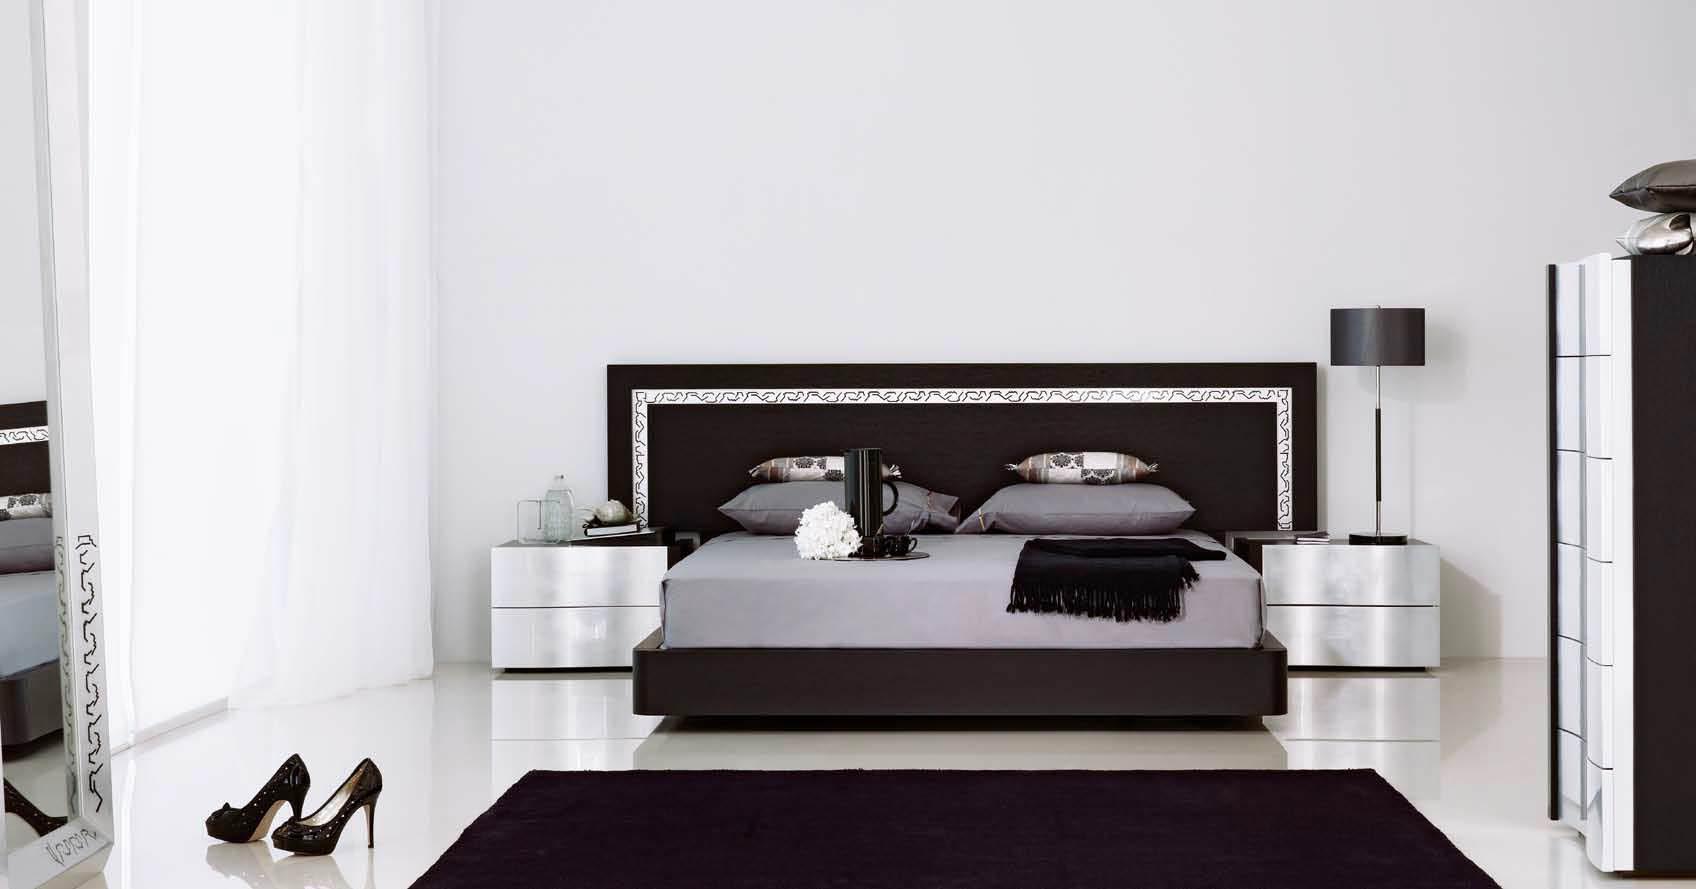 301 moved permanently - Mesitas de noche modernas ...